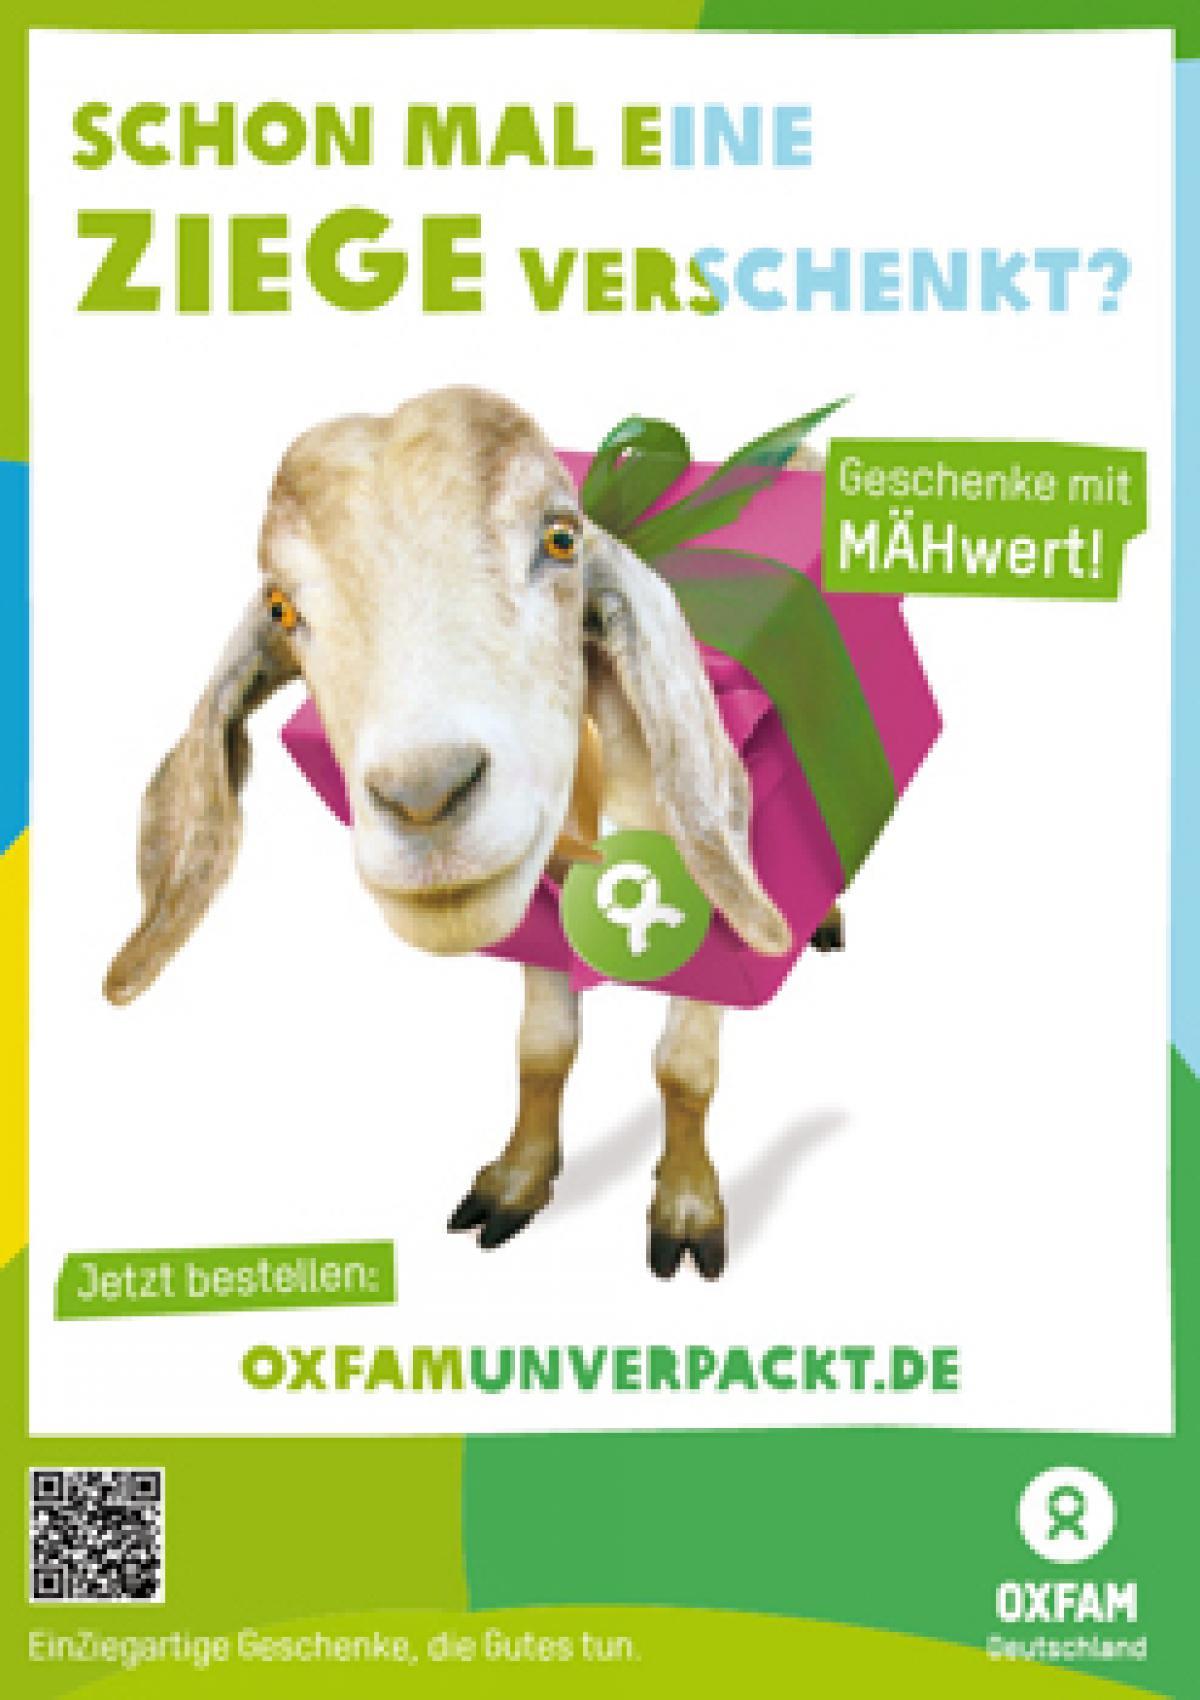 Oxfam Unverpackt Freianzeige Motiv Ziege